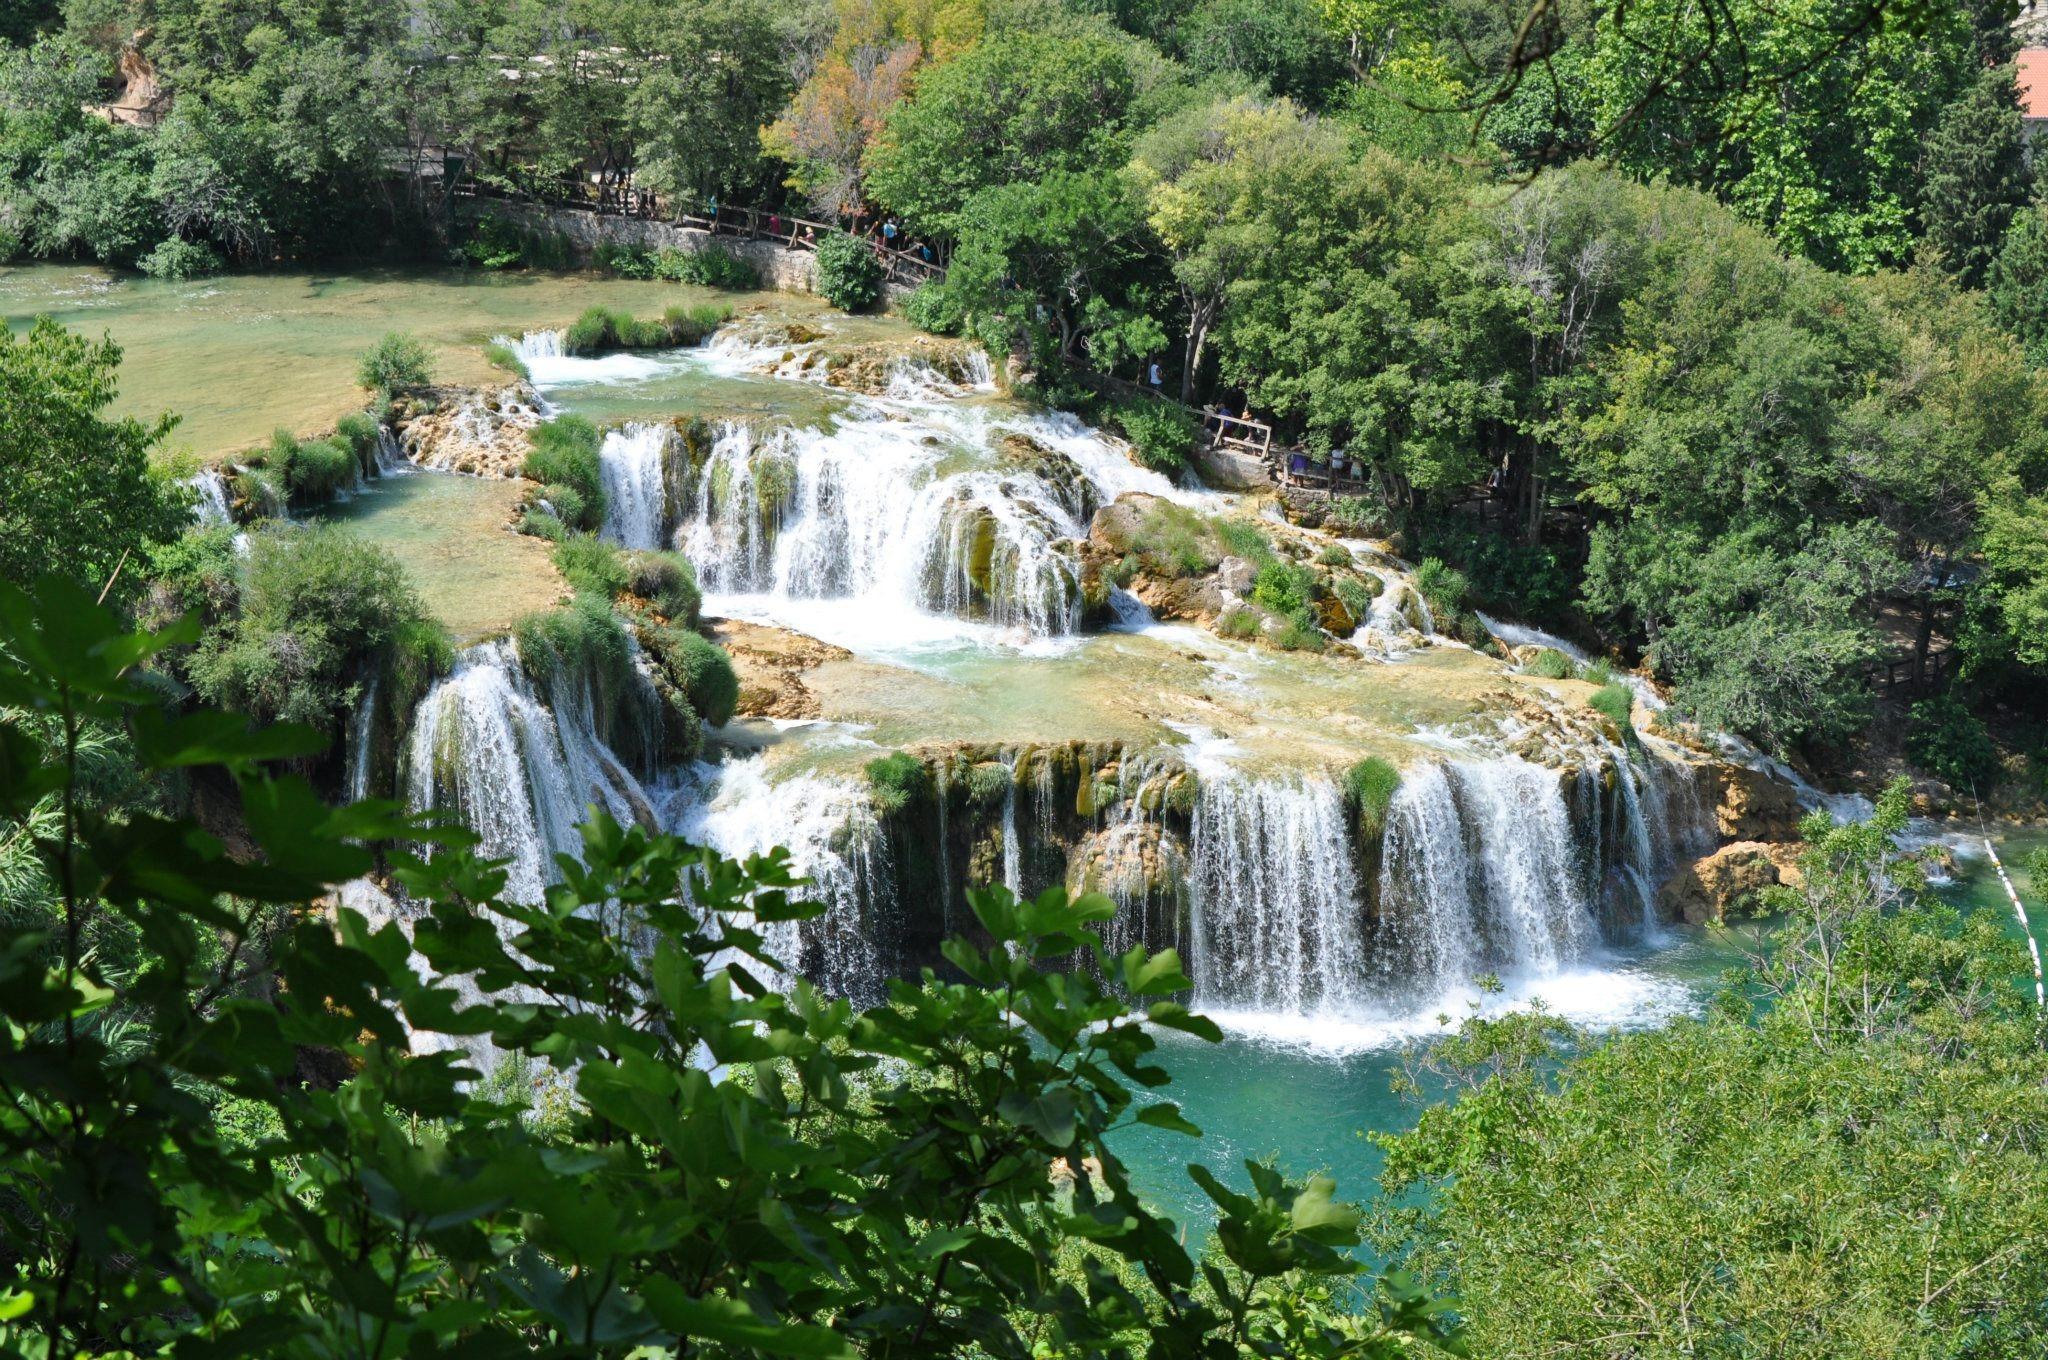 Cascada estanque estanque de jardin con cascada y peces for Cascada estanque